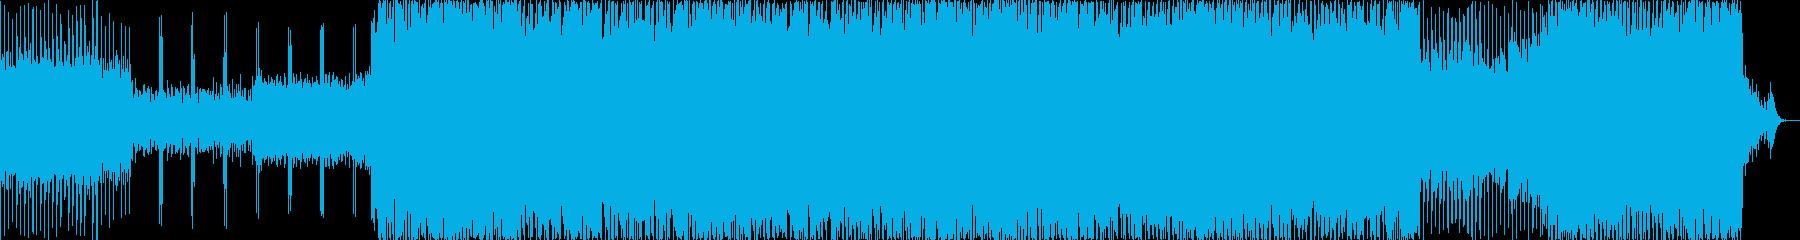 明るくノリのいい曲の再生済みの波形